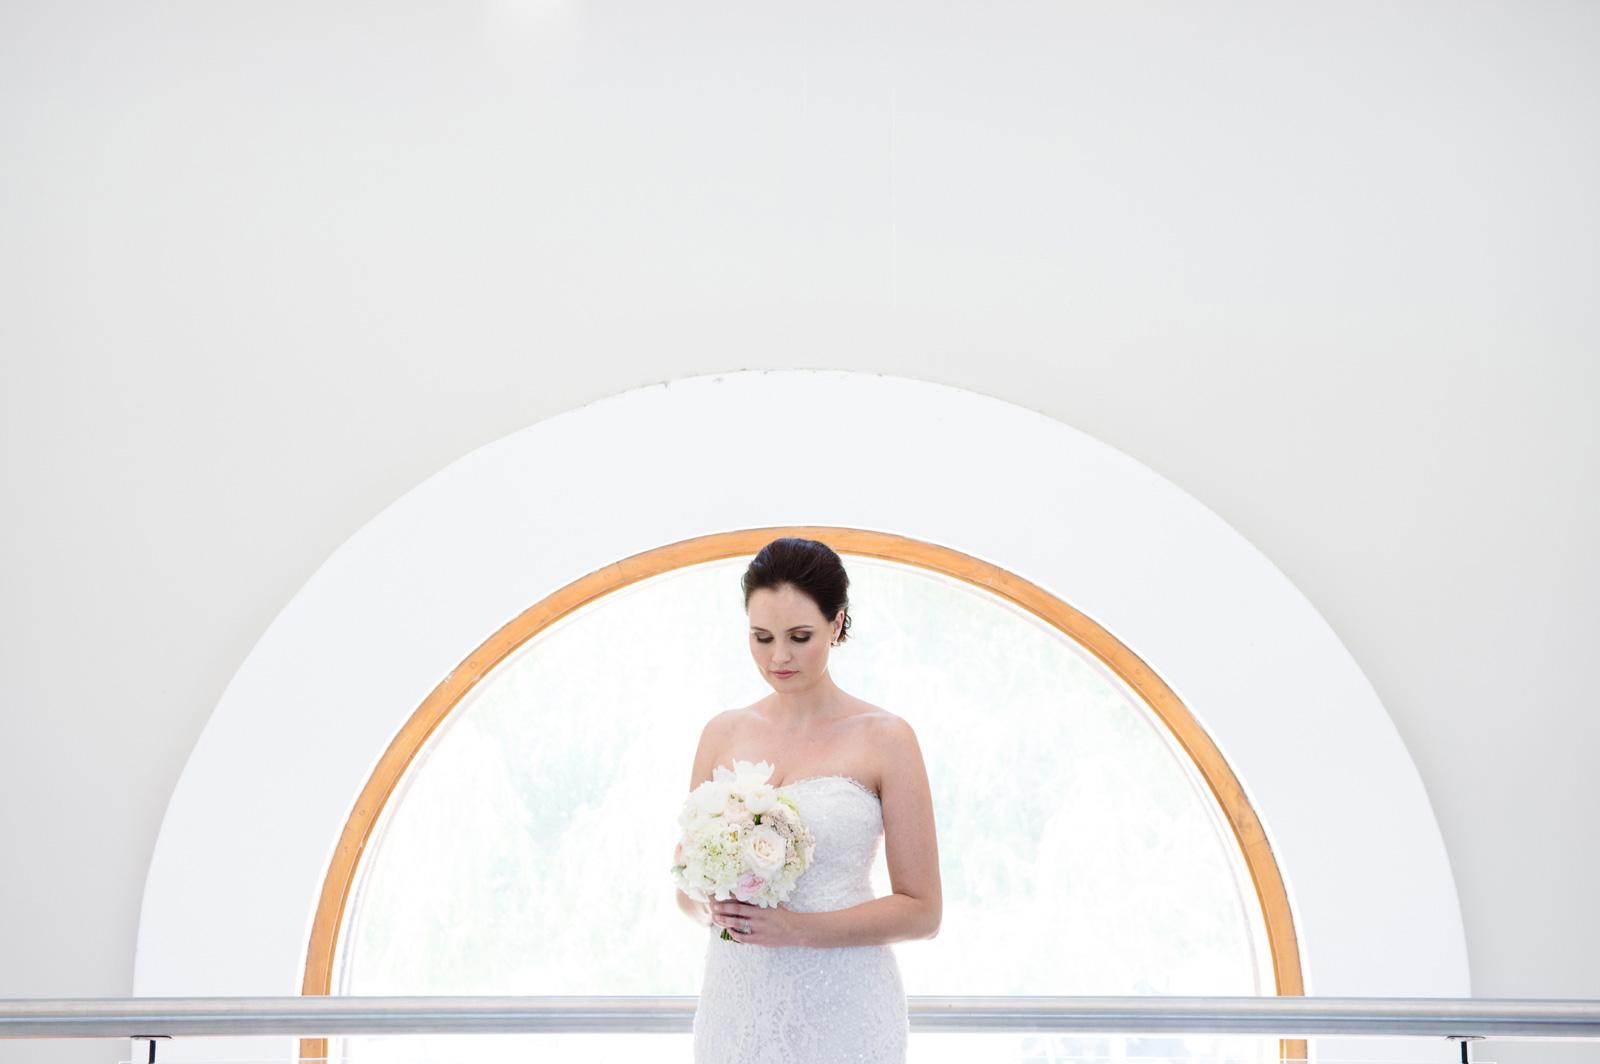 Bride with halo